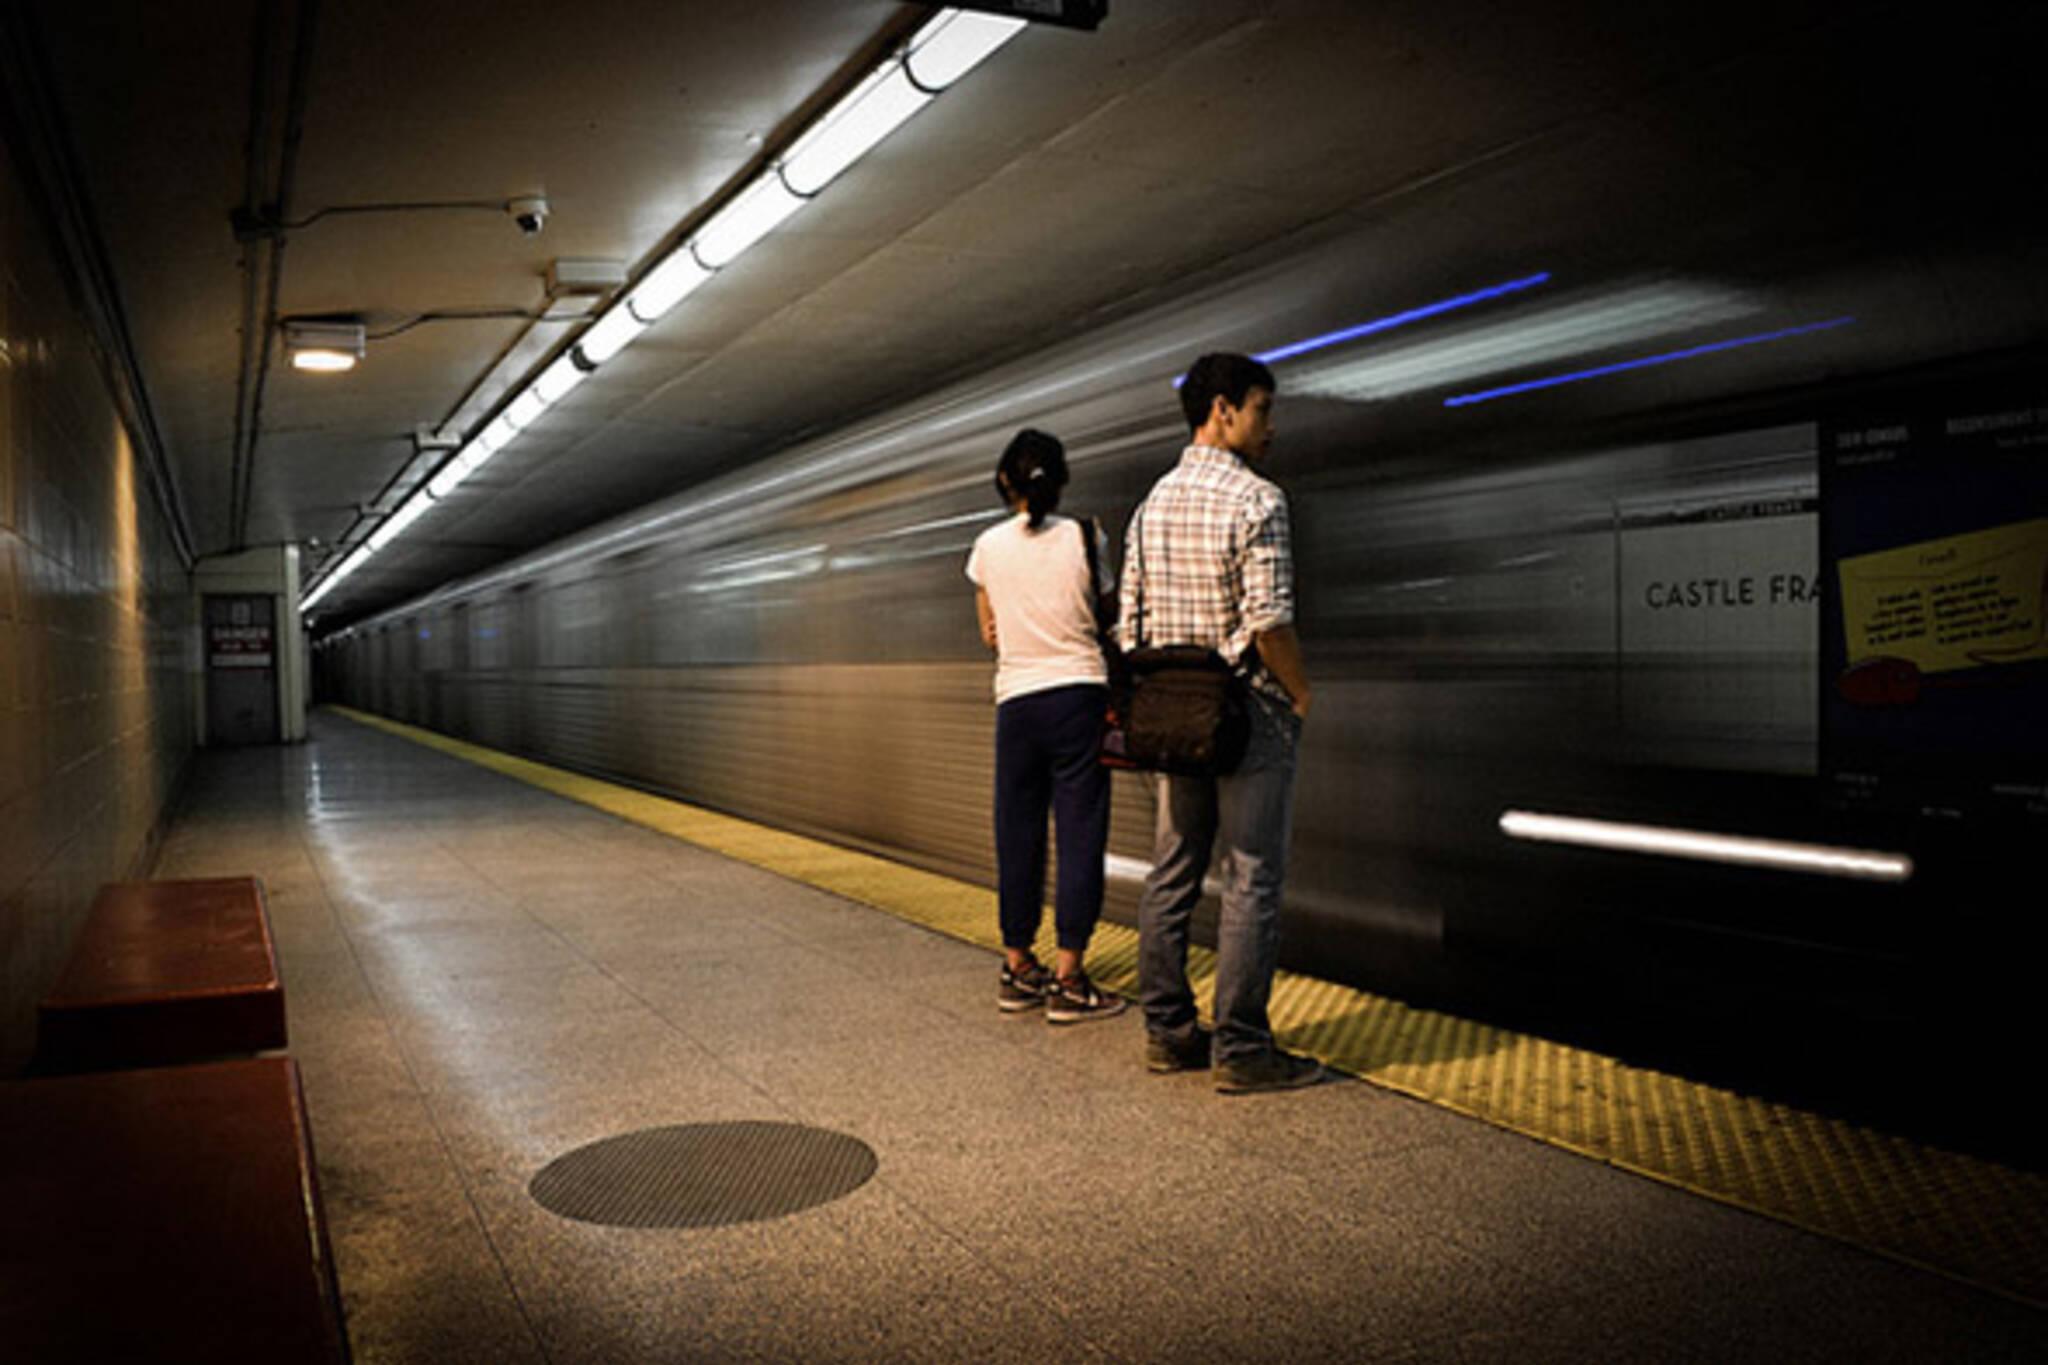 subway, streak, ttc